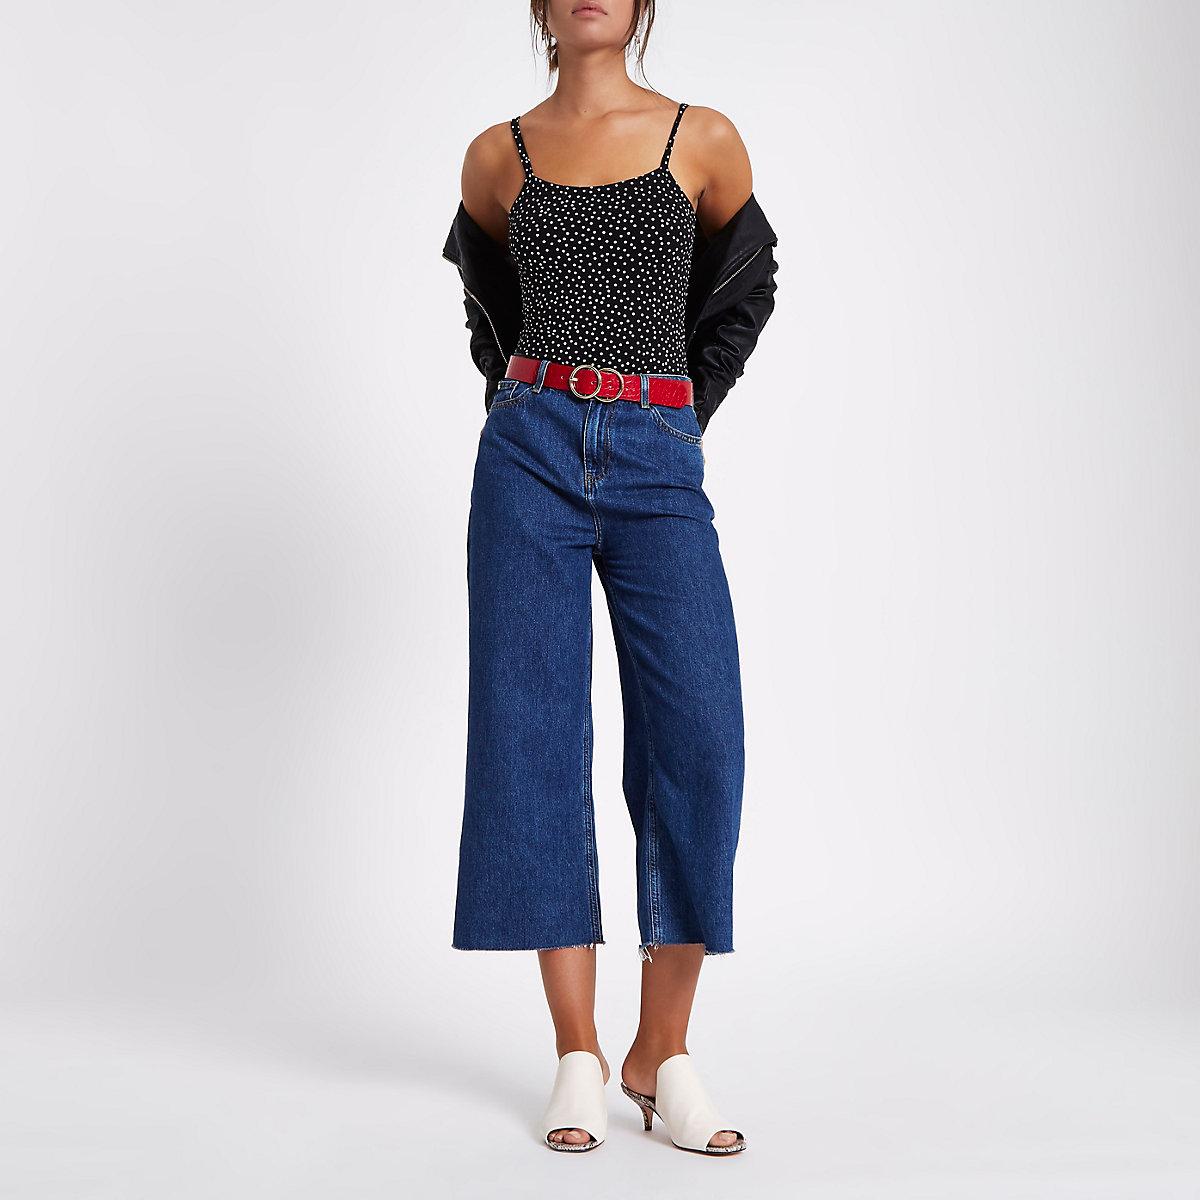 Black polka dot square neck cami bodysuit